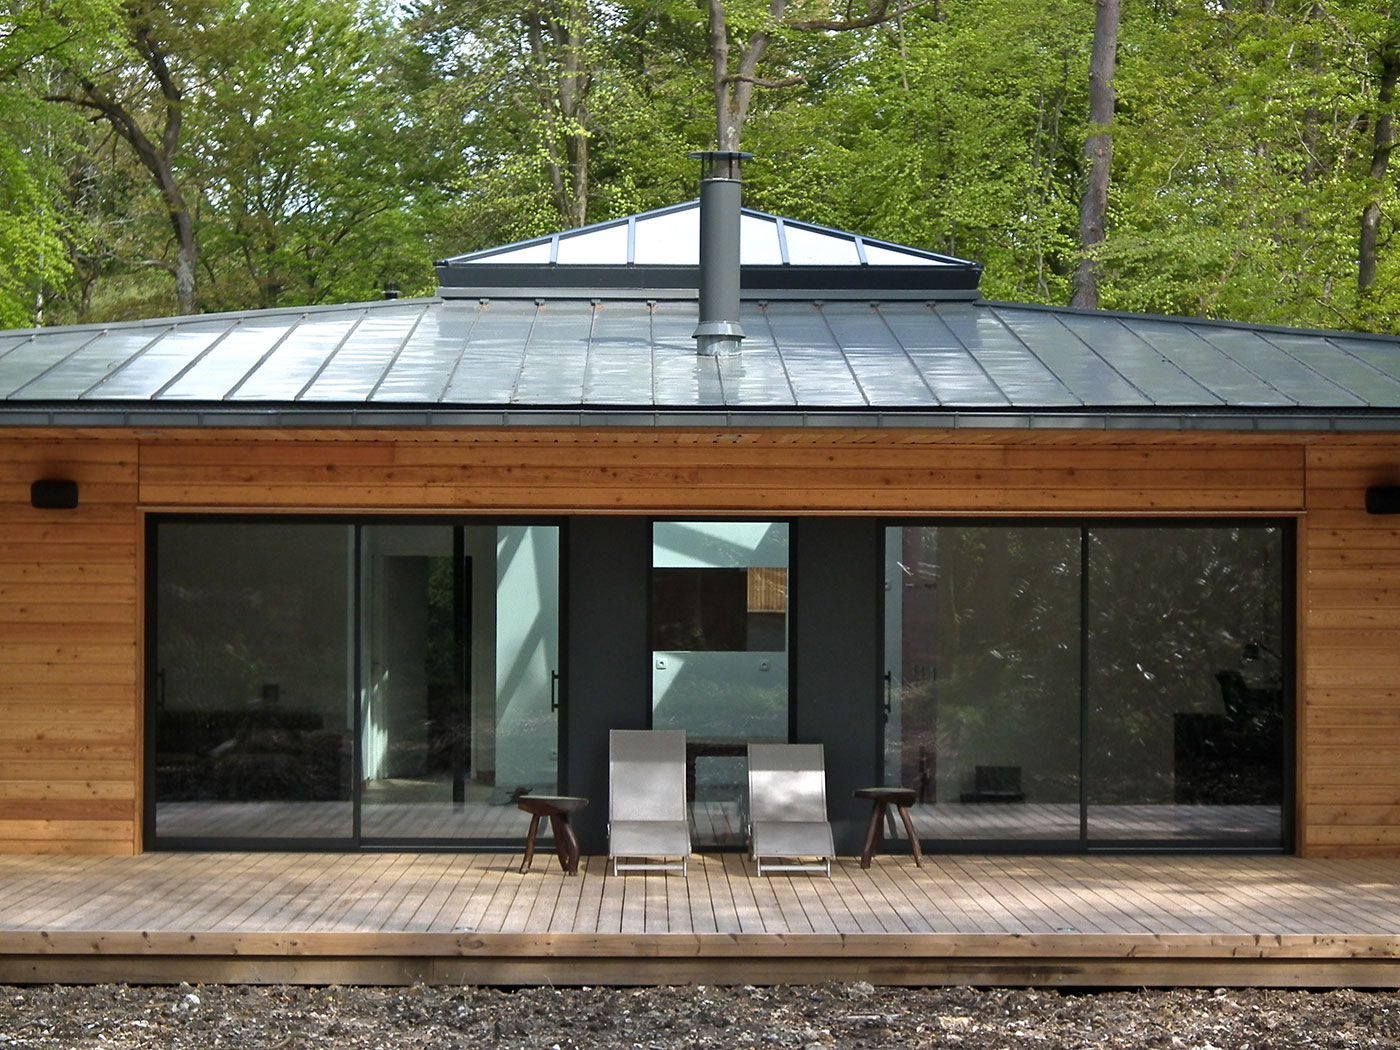 Maison En Bois Normandie normandie : une maison à ossature bois carrée en pleine